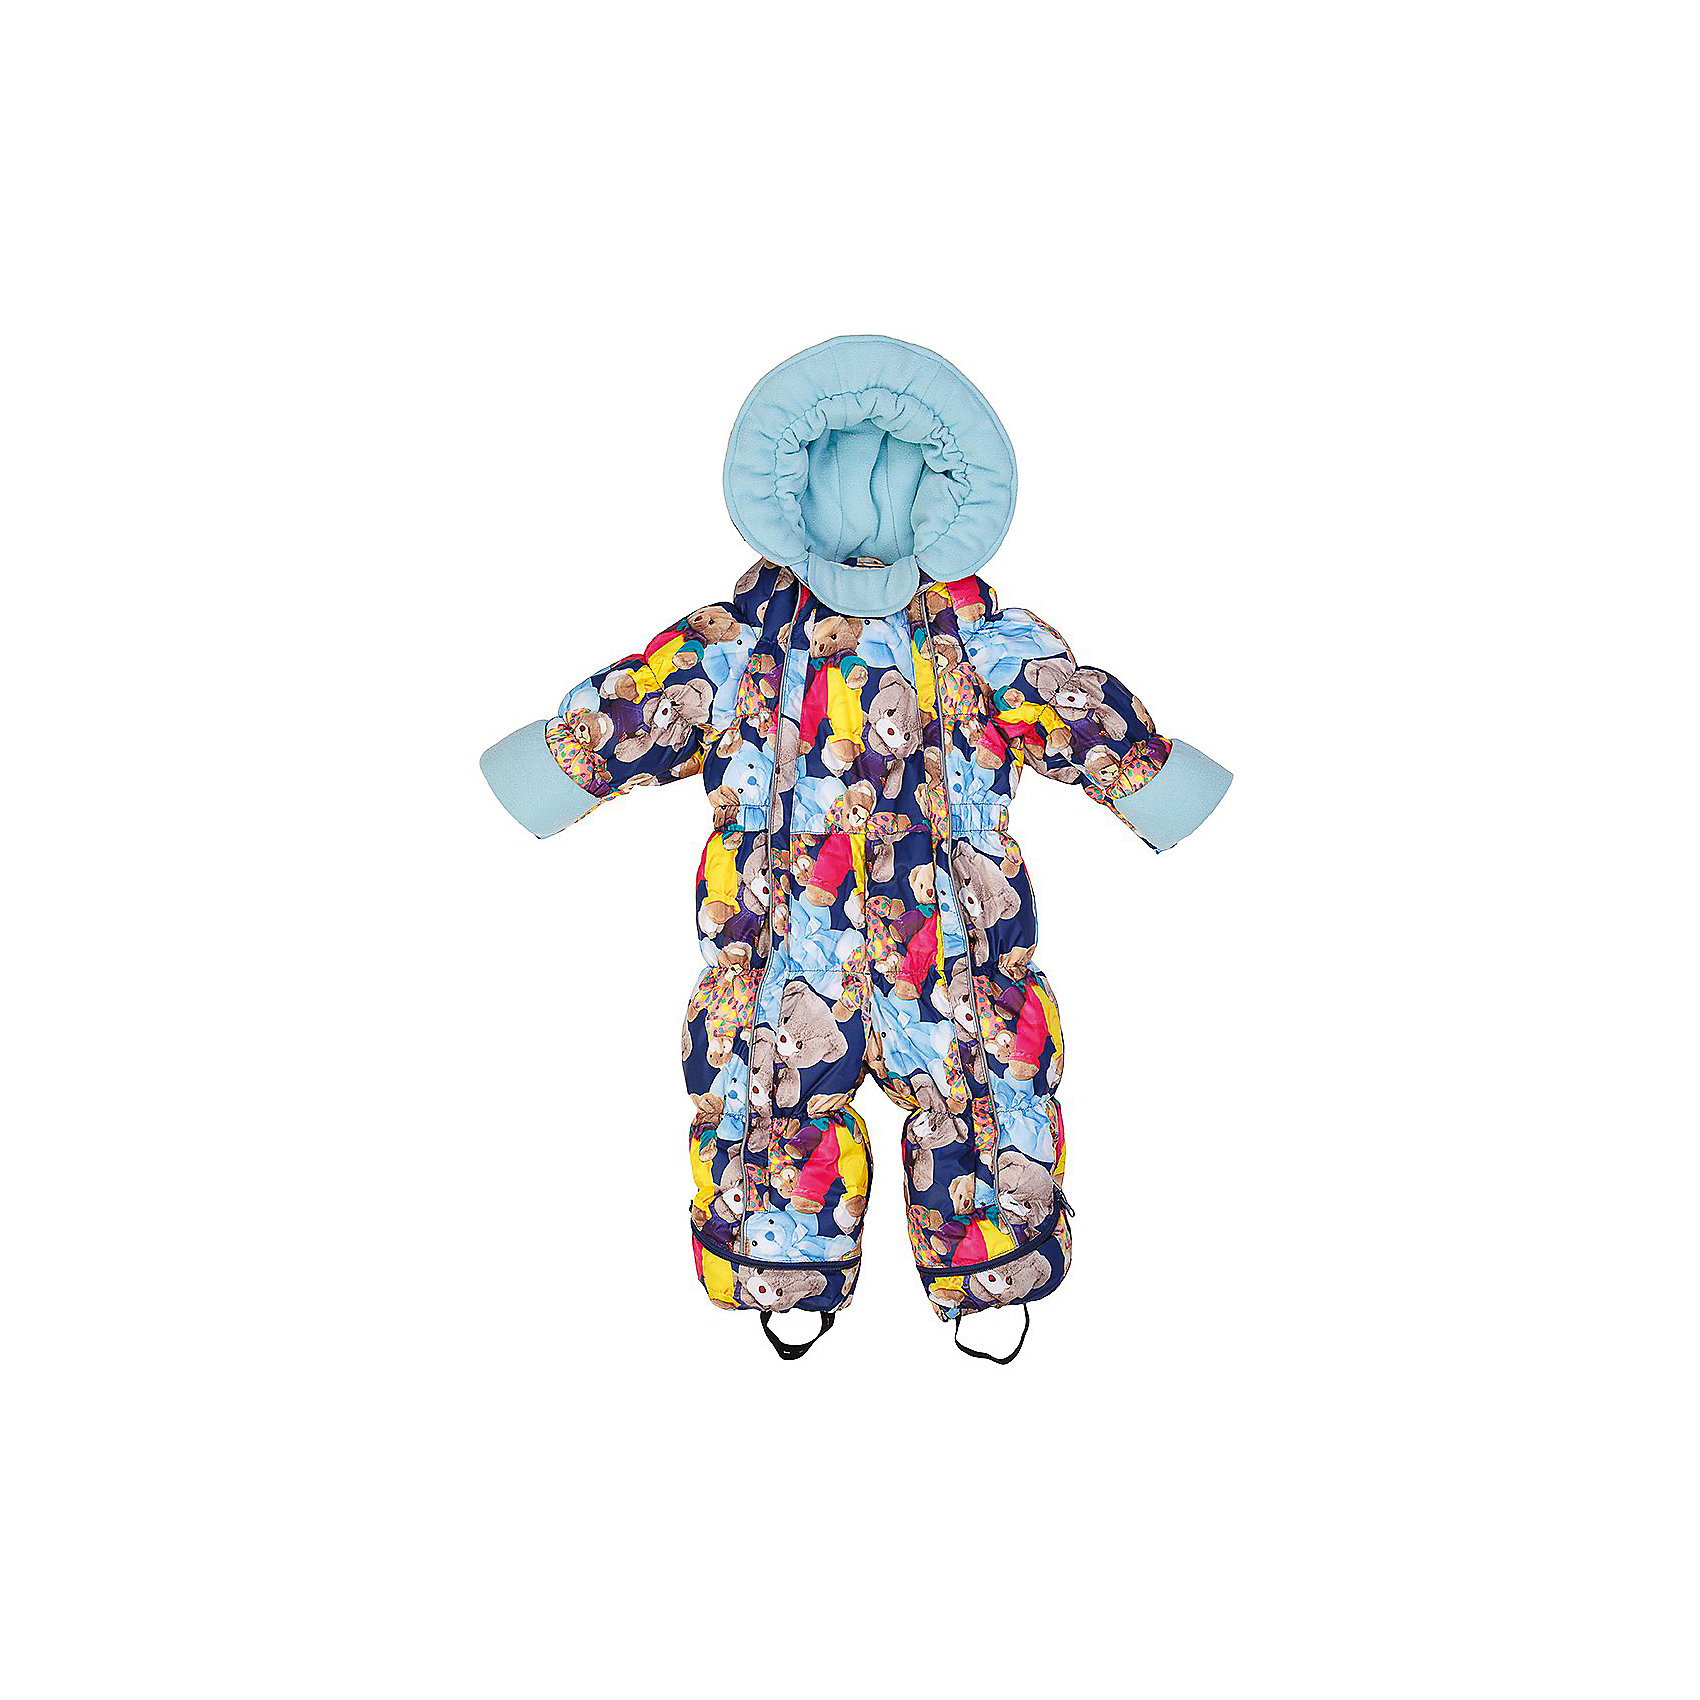 Комбинезон-трансформер Джереми OLDOSВерхняя одежда<br>Характеристики товара:<br><br>• цвет: синий<br>• состав ткани: 100% полиэстер, пропитка PU, Teflon<br>• подкладка: хлопок<br>• утеплитель: искусственный лебяжий пух<br>• сезон: зима<br>• температурный режим: от -35 до 0<br>• застежка: молния<br>• капюшон: без меха, несъемный<br>• пинетки отстегиваются<br>• трансформируется в конверт<br>• страна бренда: Россия<br>• страна изготовитель: Россия<br><br>Хлопковая подкладка детского комбинезона-трансформера для зимы приятна на ощупь. Удобный комбинезон-трансформер для мальчика дополнен съемными пинетками. Комбинезон-трансформер позволяет создать комфортный микроклимат даже в сильные морозы. Верх этого детского комбинезона - с пропиткой от грязи и влаги. <br><br>Комбинезон-трансформер Джереми Oldos (Олдос) можно купить в нашем интернет-магазине.<br><br>Ширина мм: 356<br>Глубина мм: 10<br>Высота мм: 245<br>Вес г: 519<br>Цвет: синий<br>Возраст от месяцев: 12<br>Возраст до месяцев: 15<br>Пол: Унисекс<br>Возраст: Детский<br>Размер: 80,68,74<br>SKU: 7016616